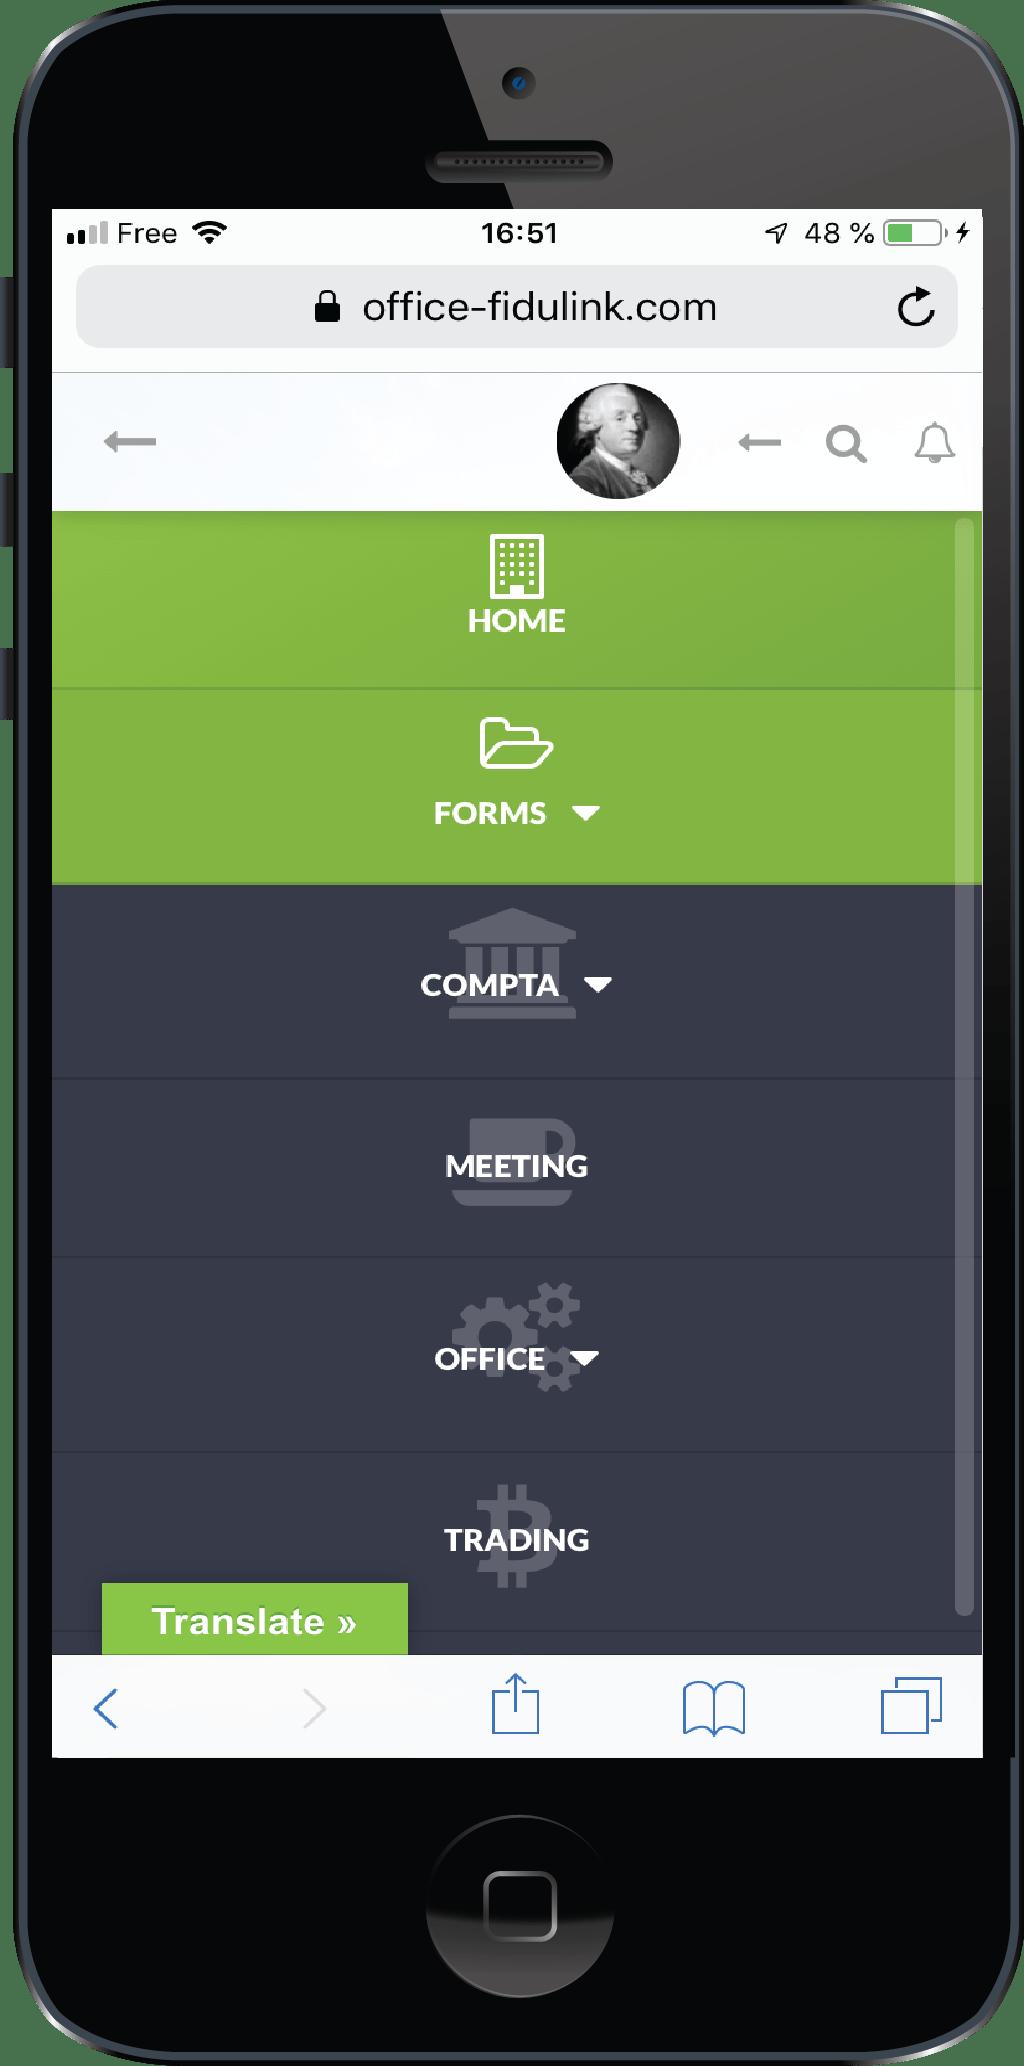 تطبيق FIDULINK MY OFFICE IOS وإدارة تطبيق ANDROID وإنشاء شركات خارجية على الإنترنت